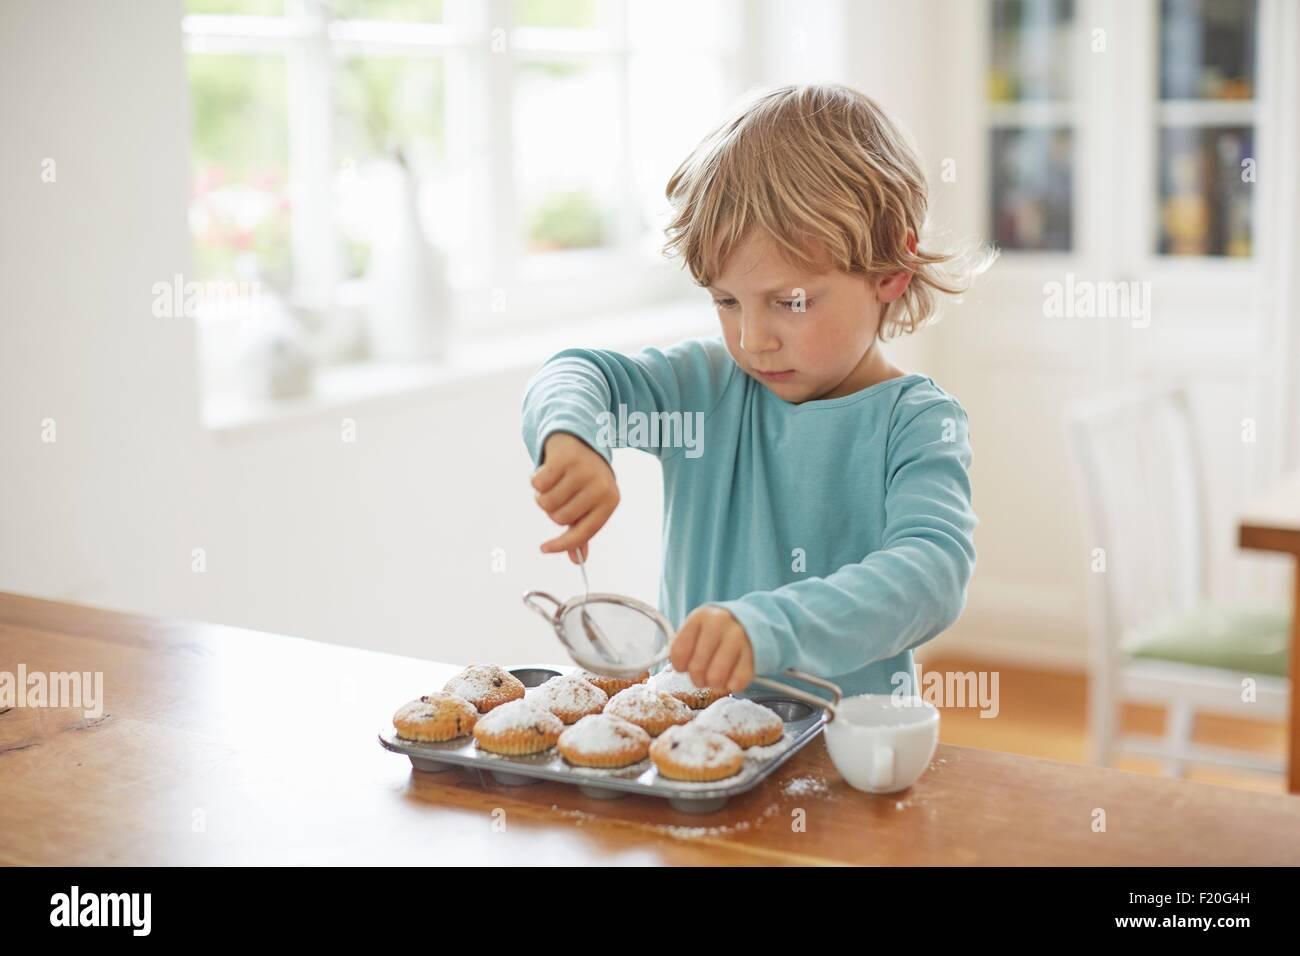 Boy haciendo pastelitos en la cocina Imagen De Stock